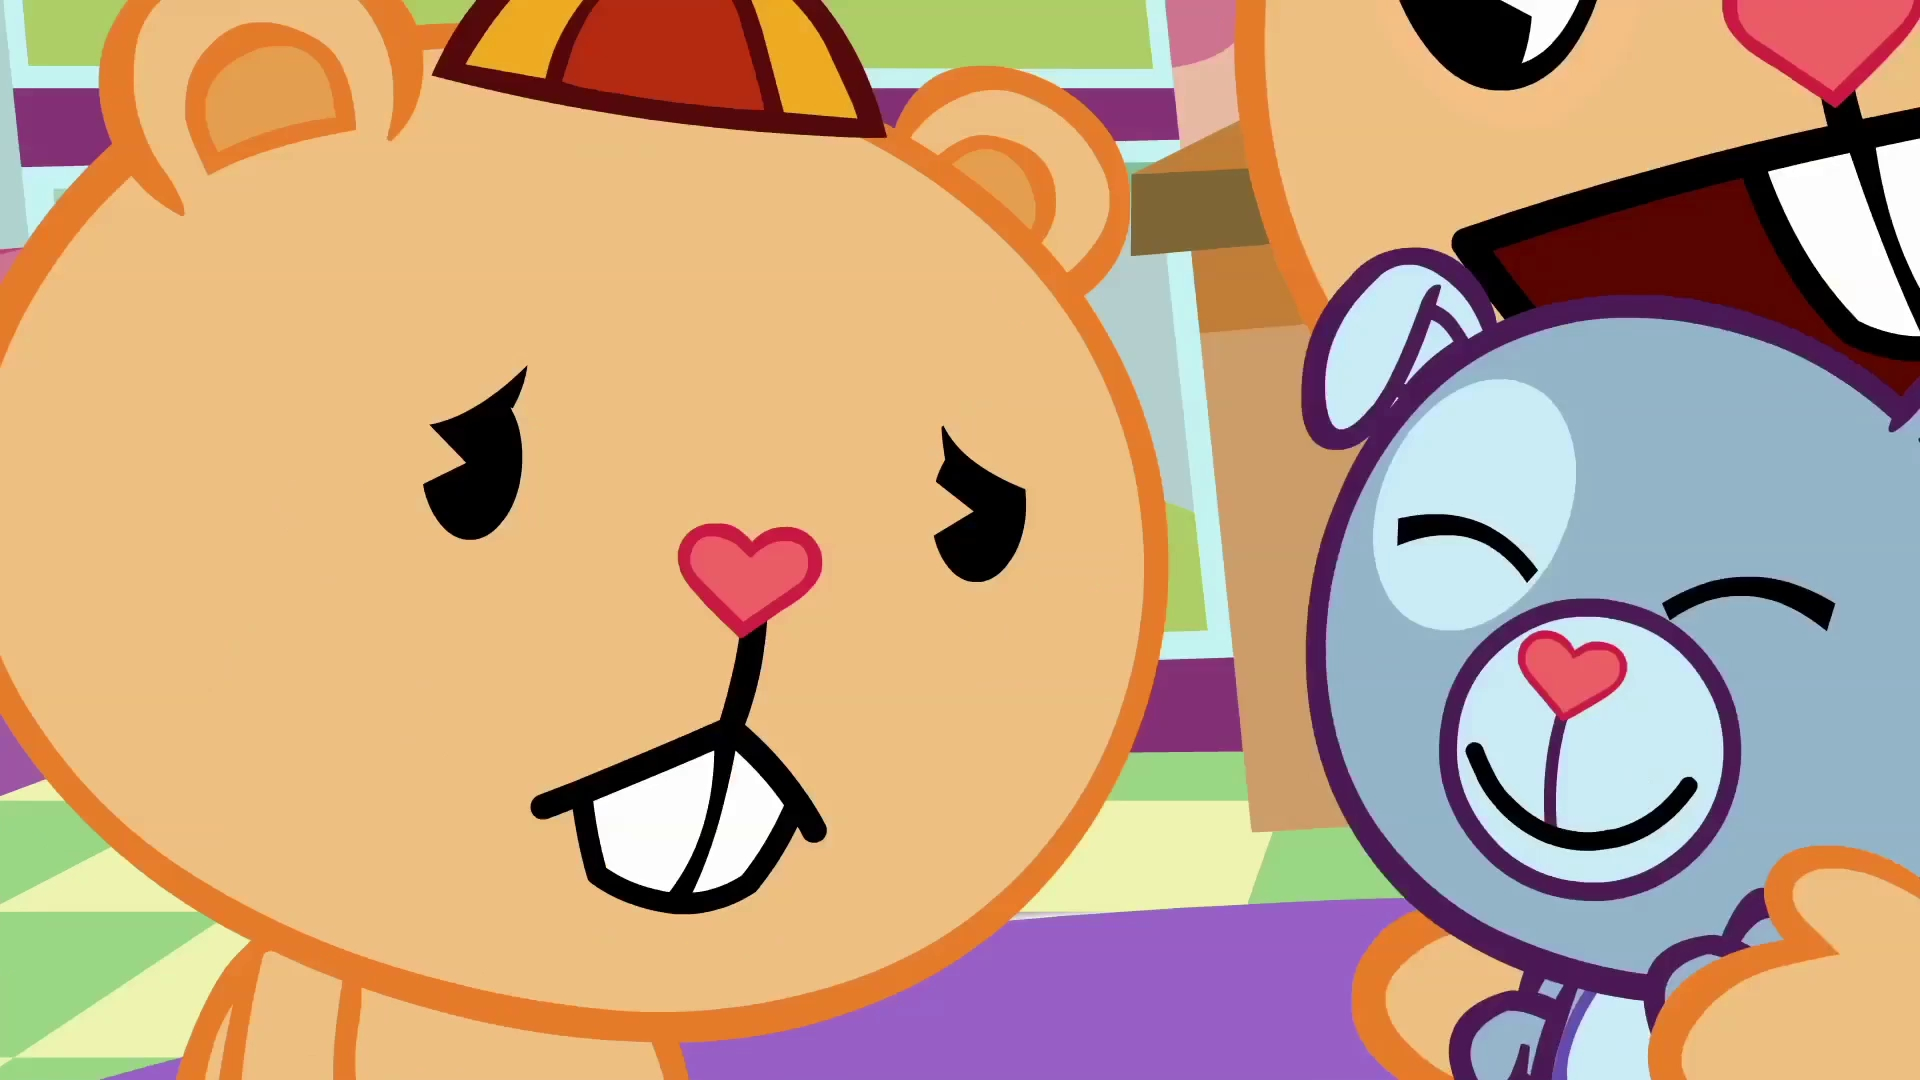 هپی تری فرندز happy tree friends-فصل Season TV 2006 قسمت 7- لینک تمام قسمت ها در توضیح زیر این ویدیو است